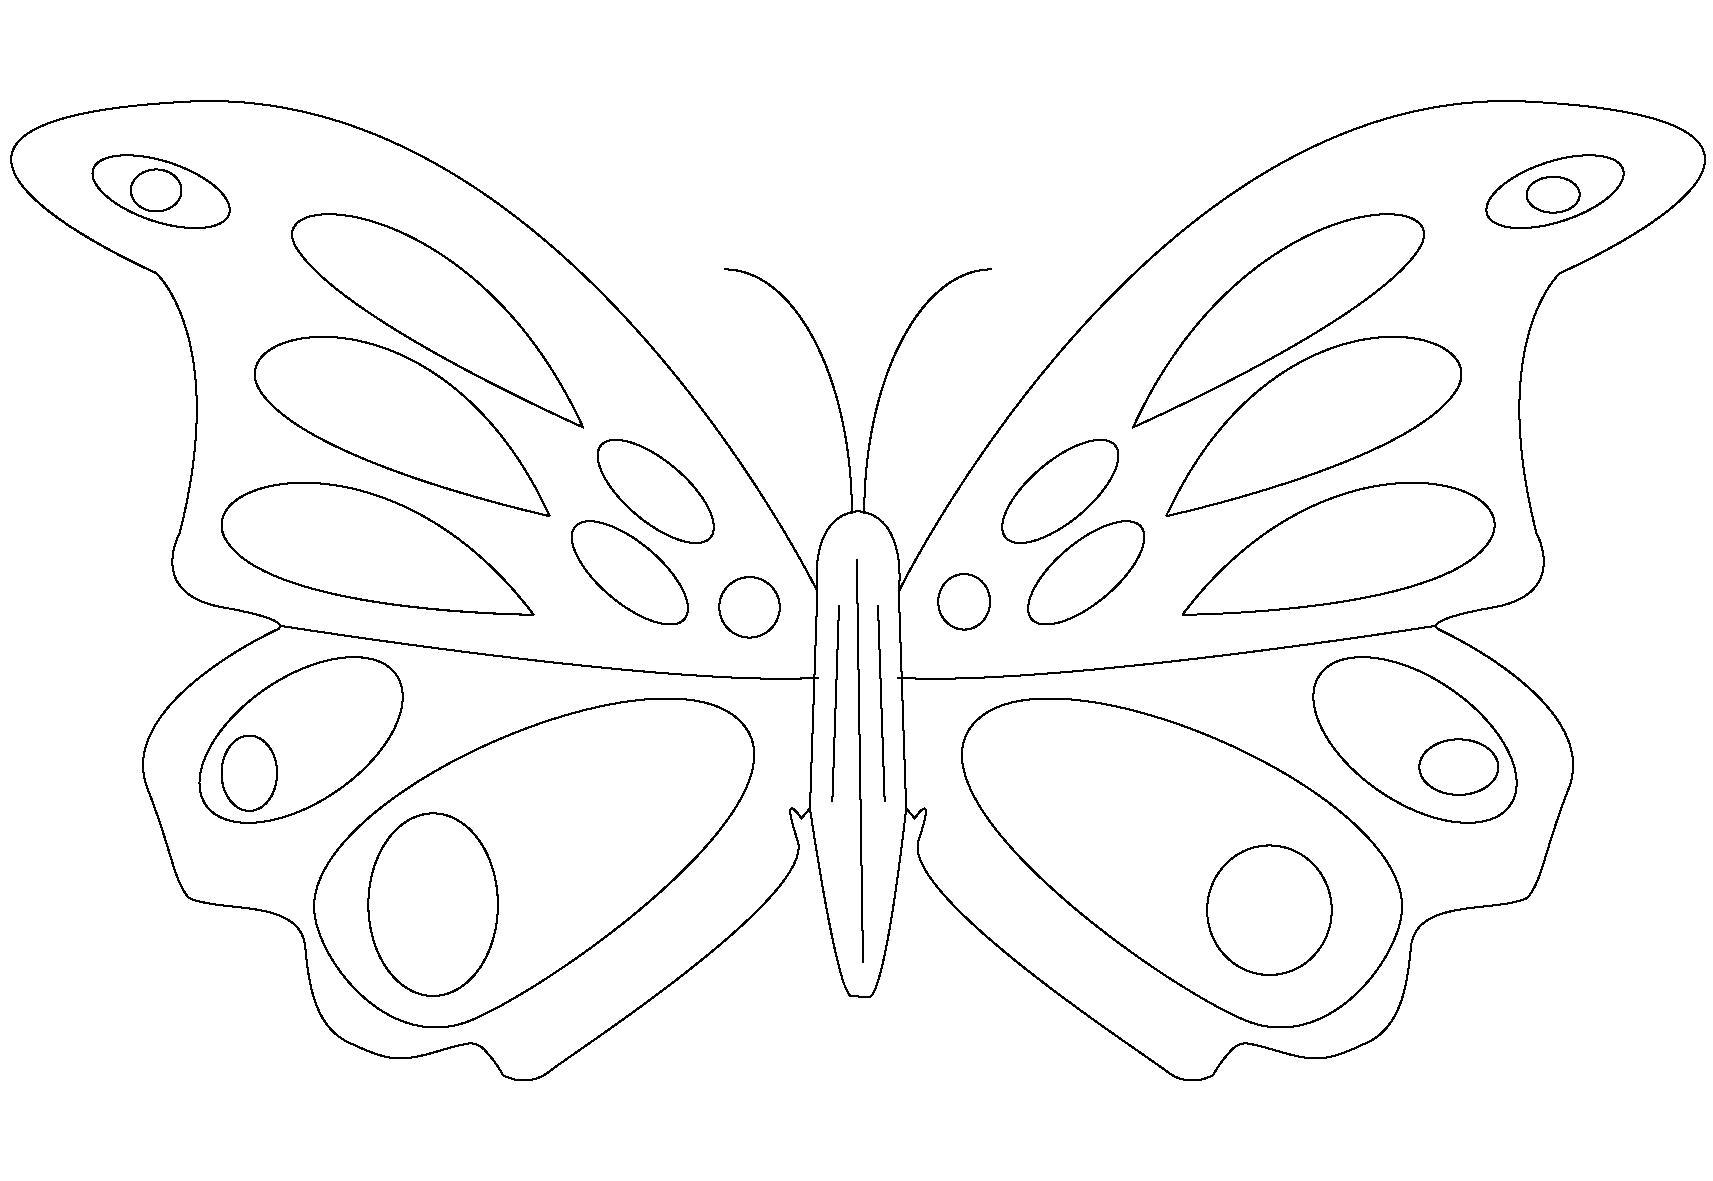 Название: Раскраска Бабочка раскраска. Категория: Бабочки. Теги: Бабочки.